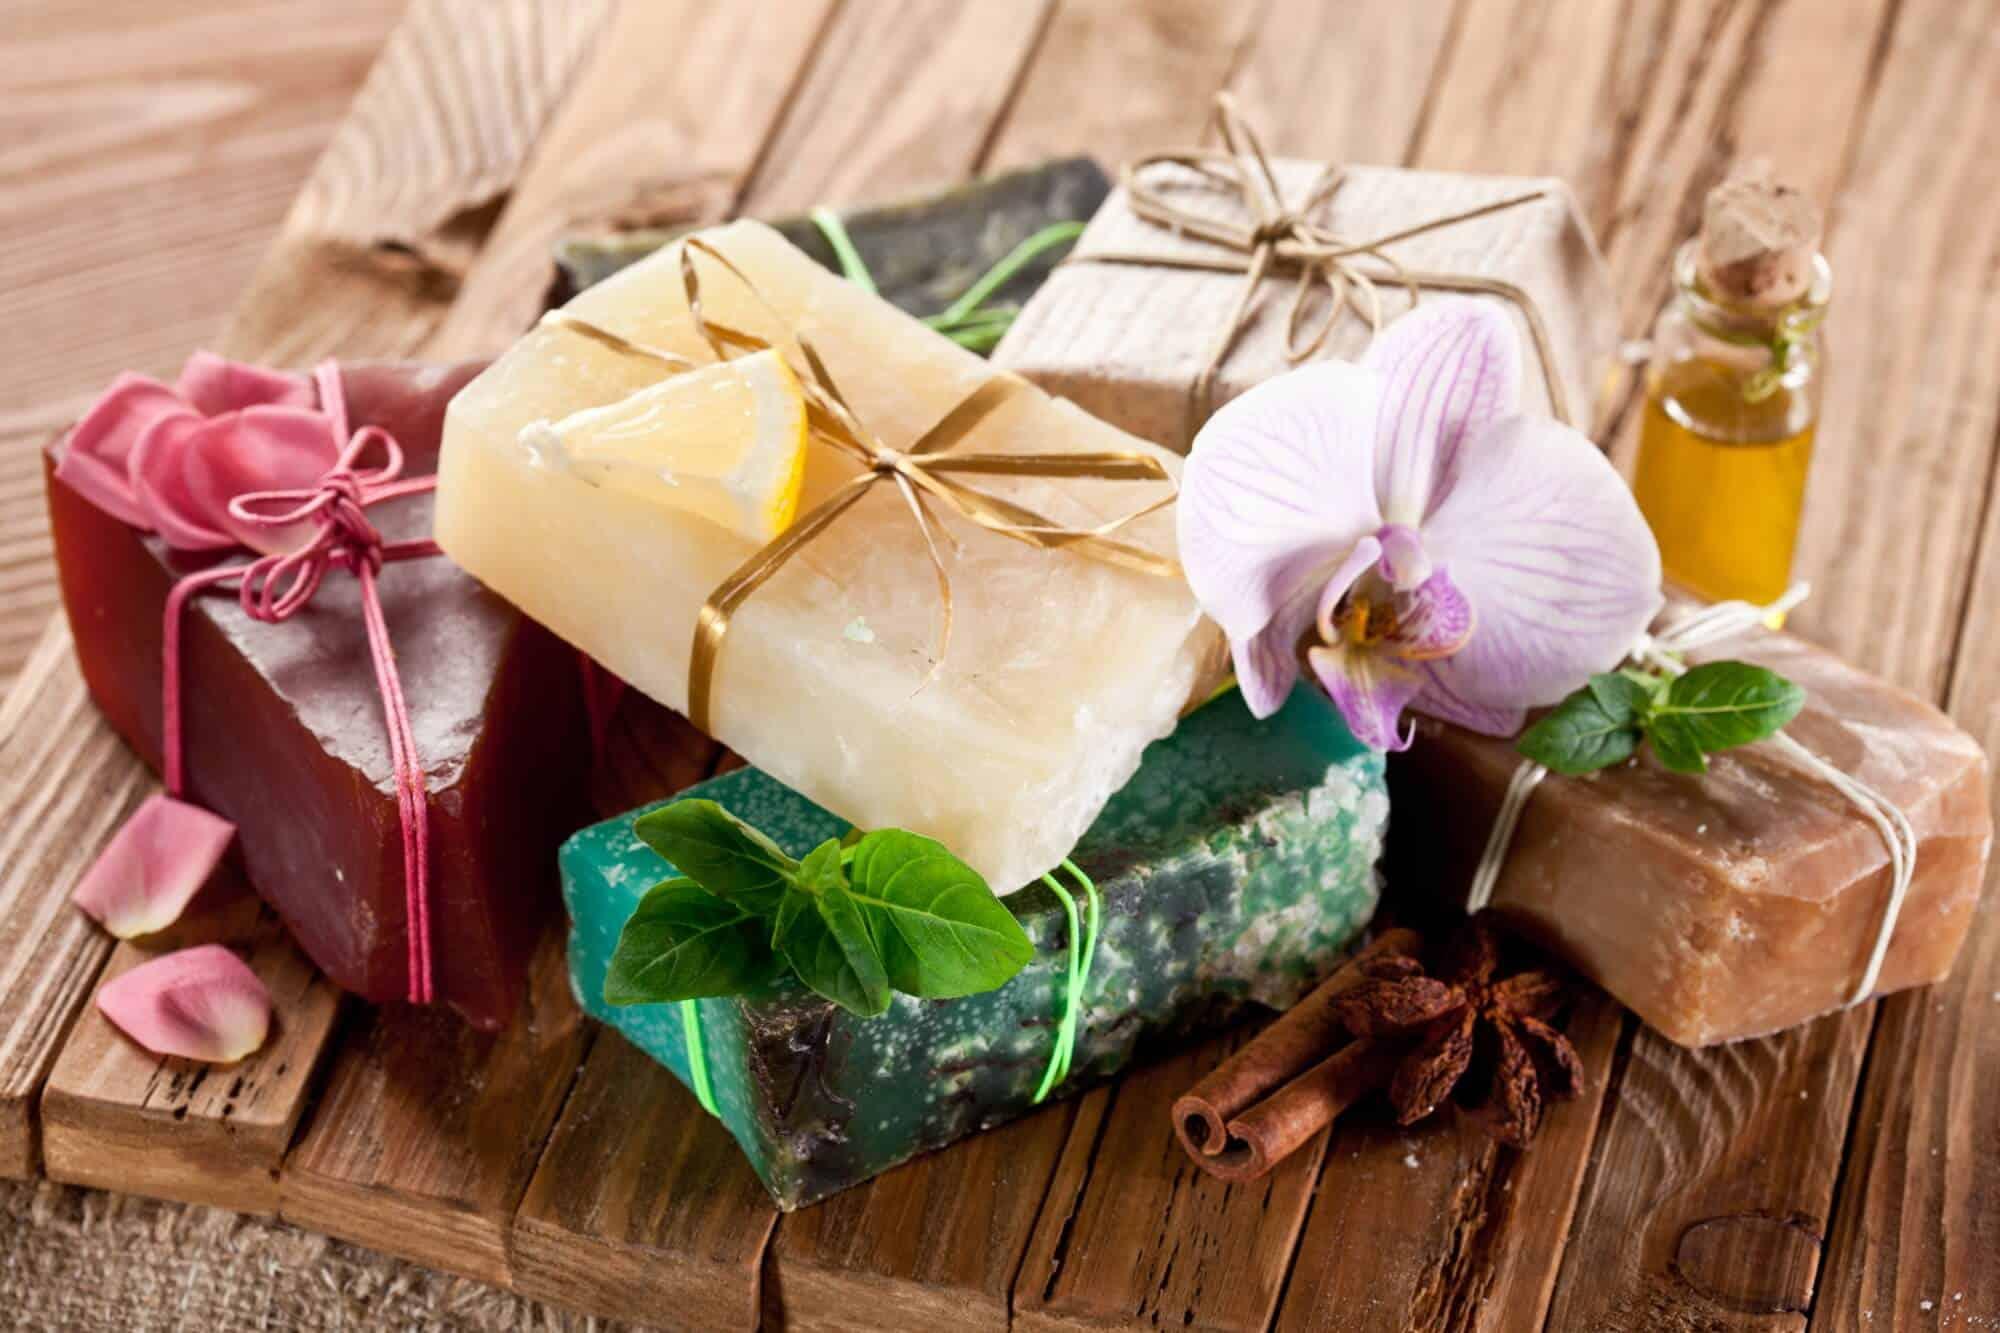 Aprender como fazer sabonete artesanal pode ser muito lucrativo.